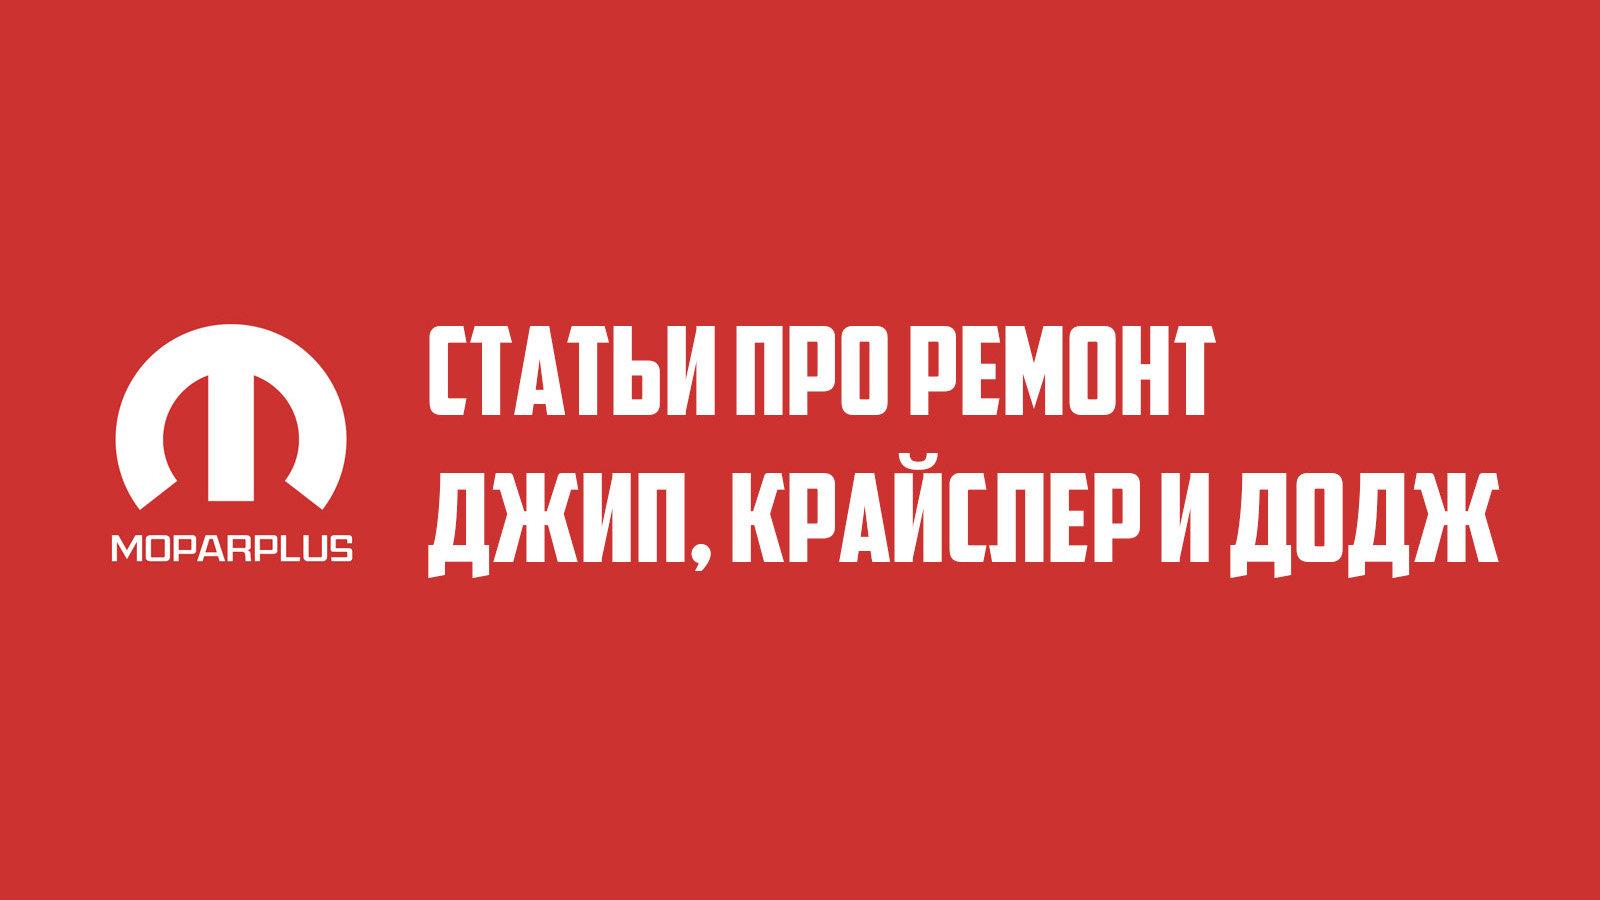 Статьи про ремонт. Выпуск №37.